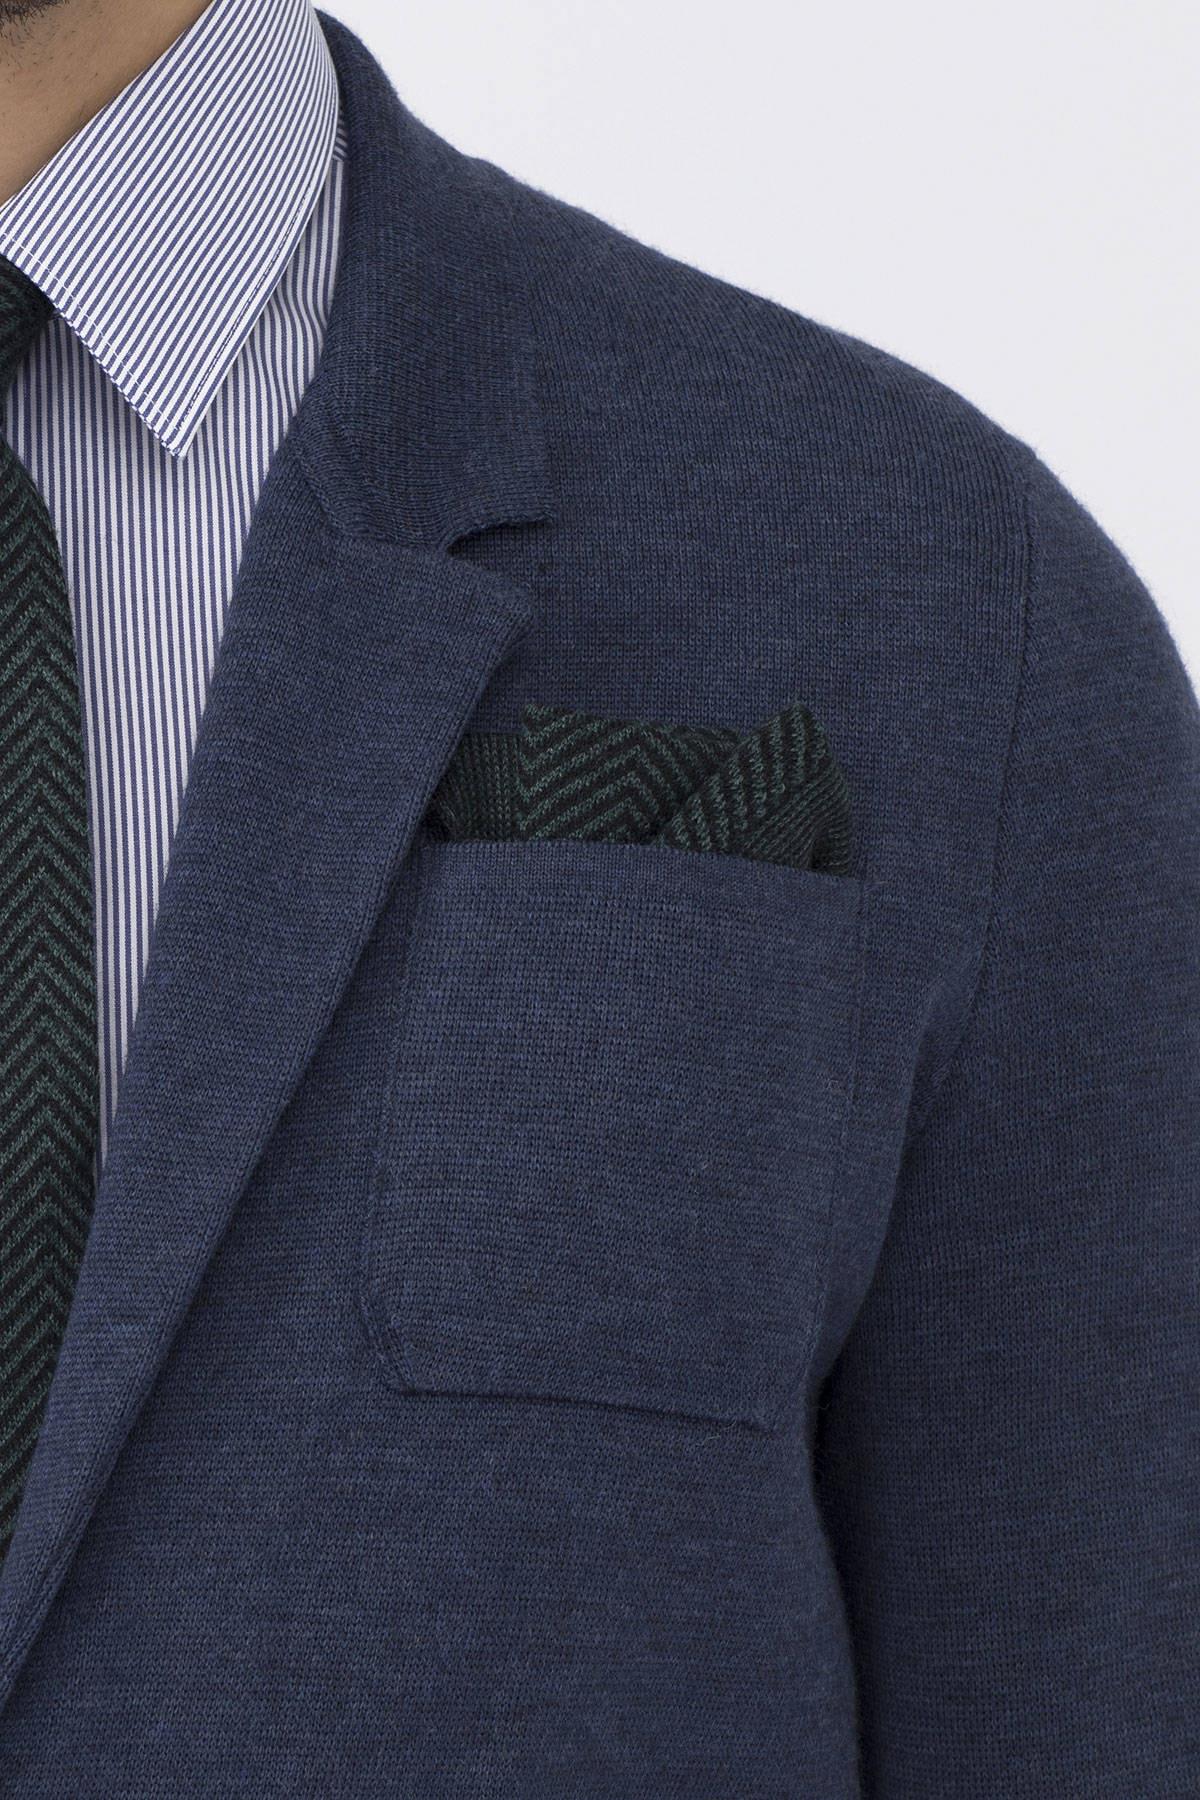 Hemington Erkek Ipek Yün Koyu Yeşil Örgü Ceket Mendili 1